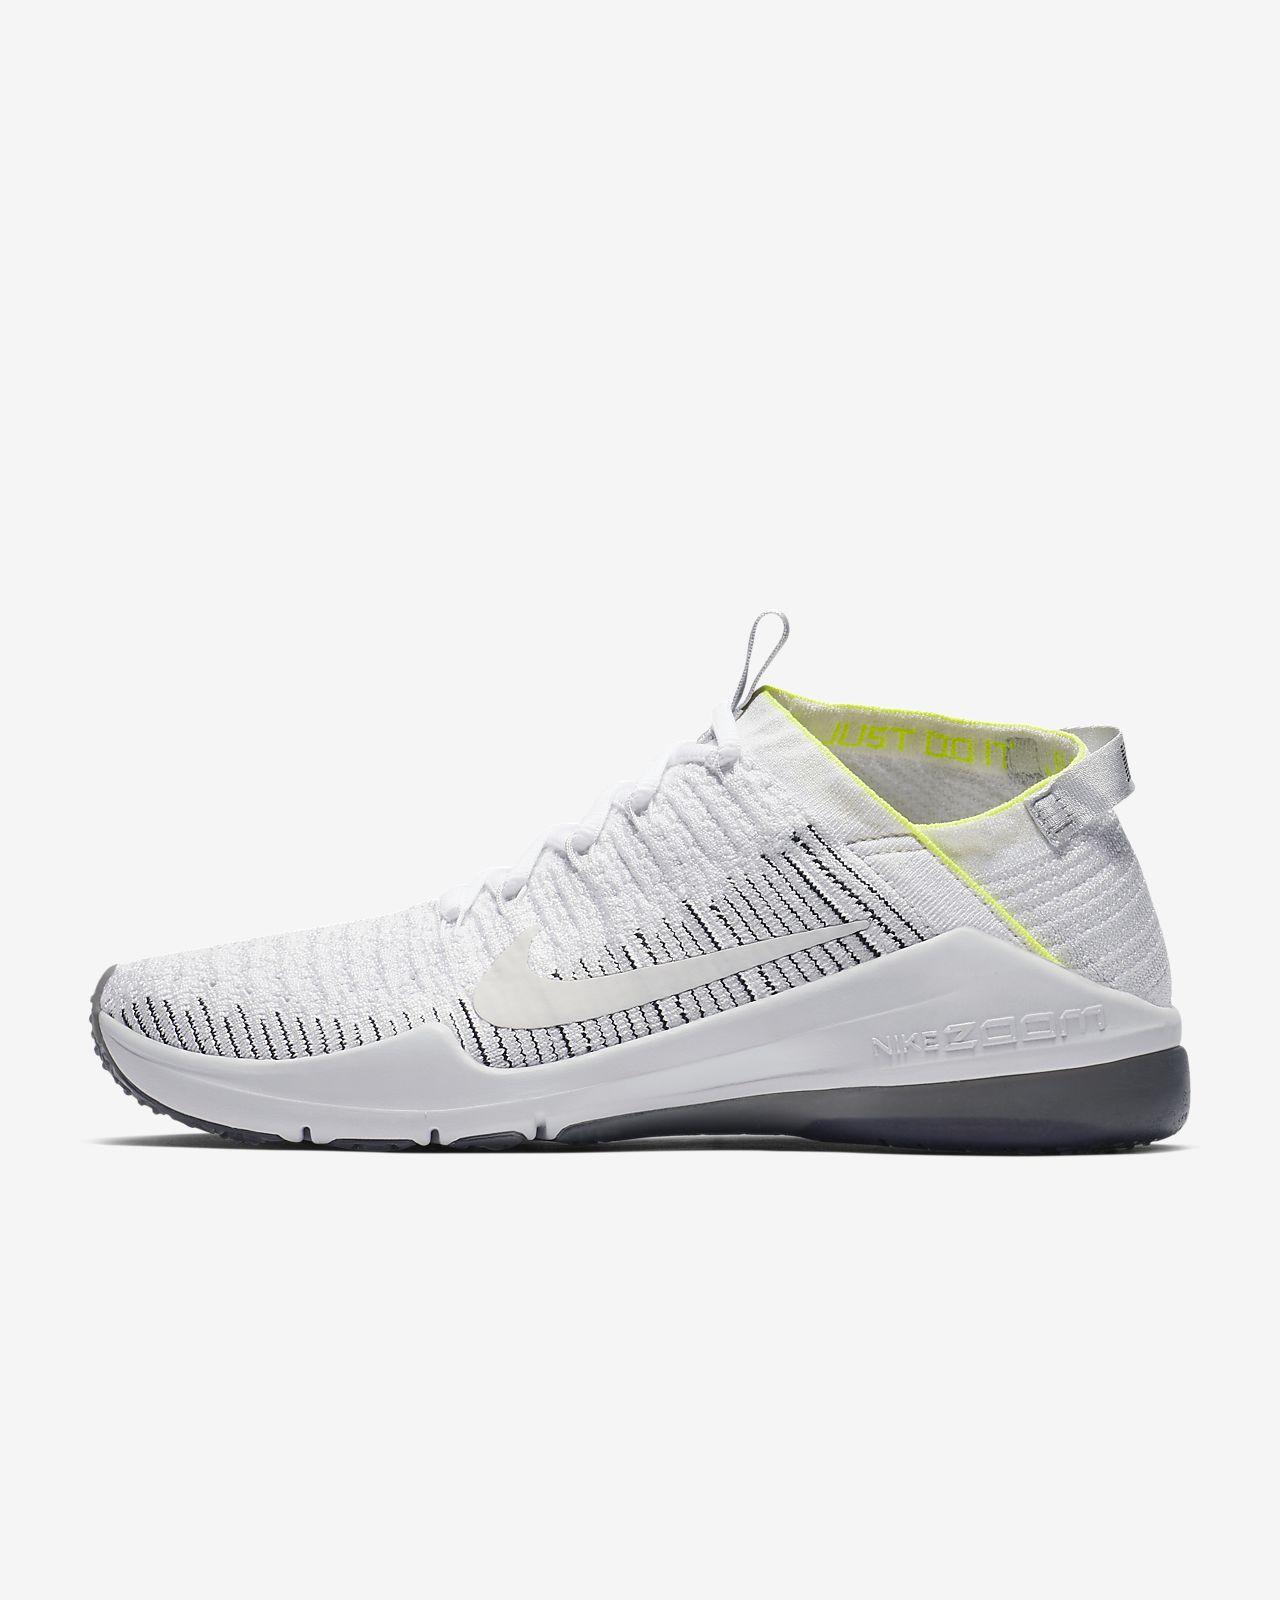 online retailer 53120 948f5 ... Sko för gym/träning/boxning Nike Air Zoom Fearless Flyknit 2 för kvinnor